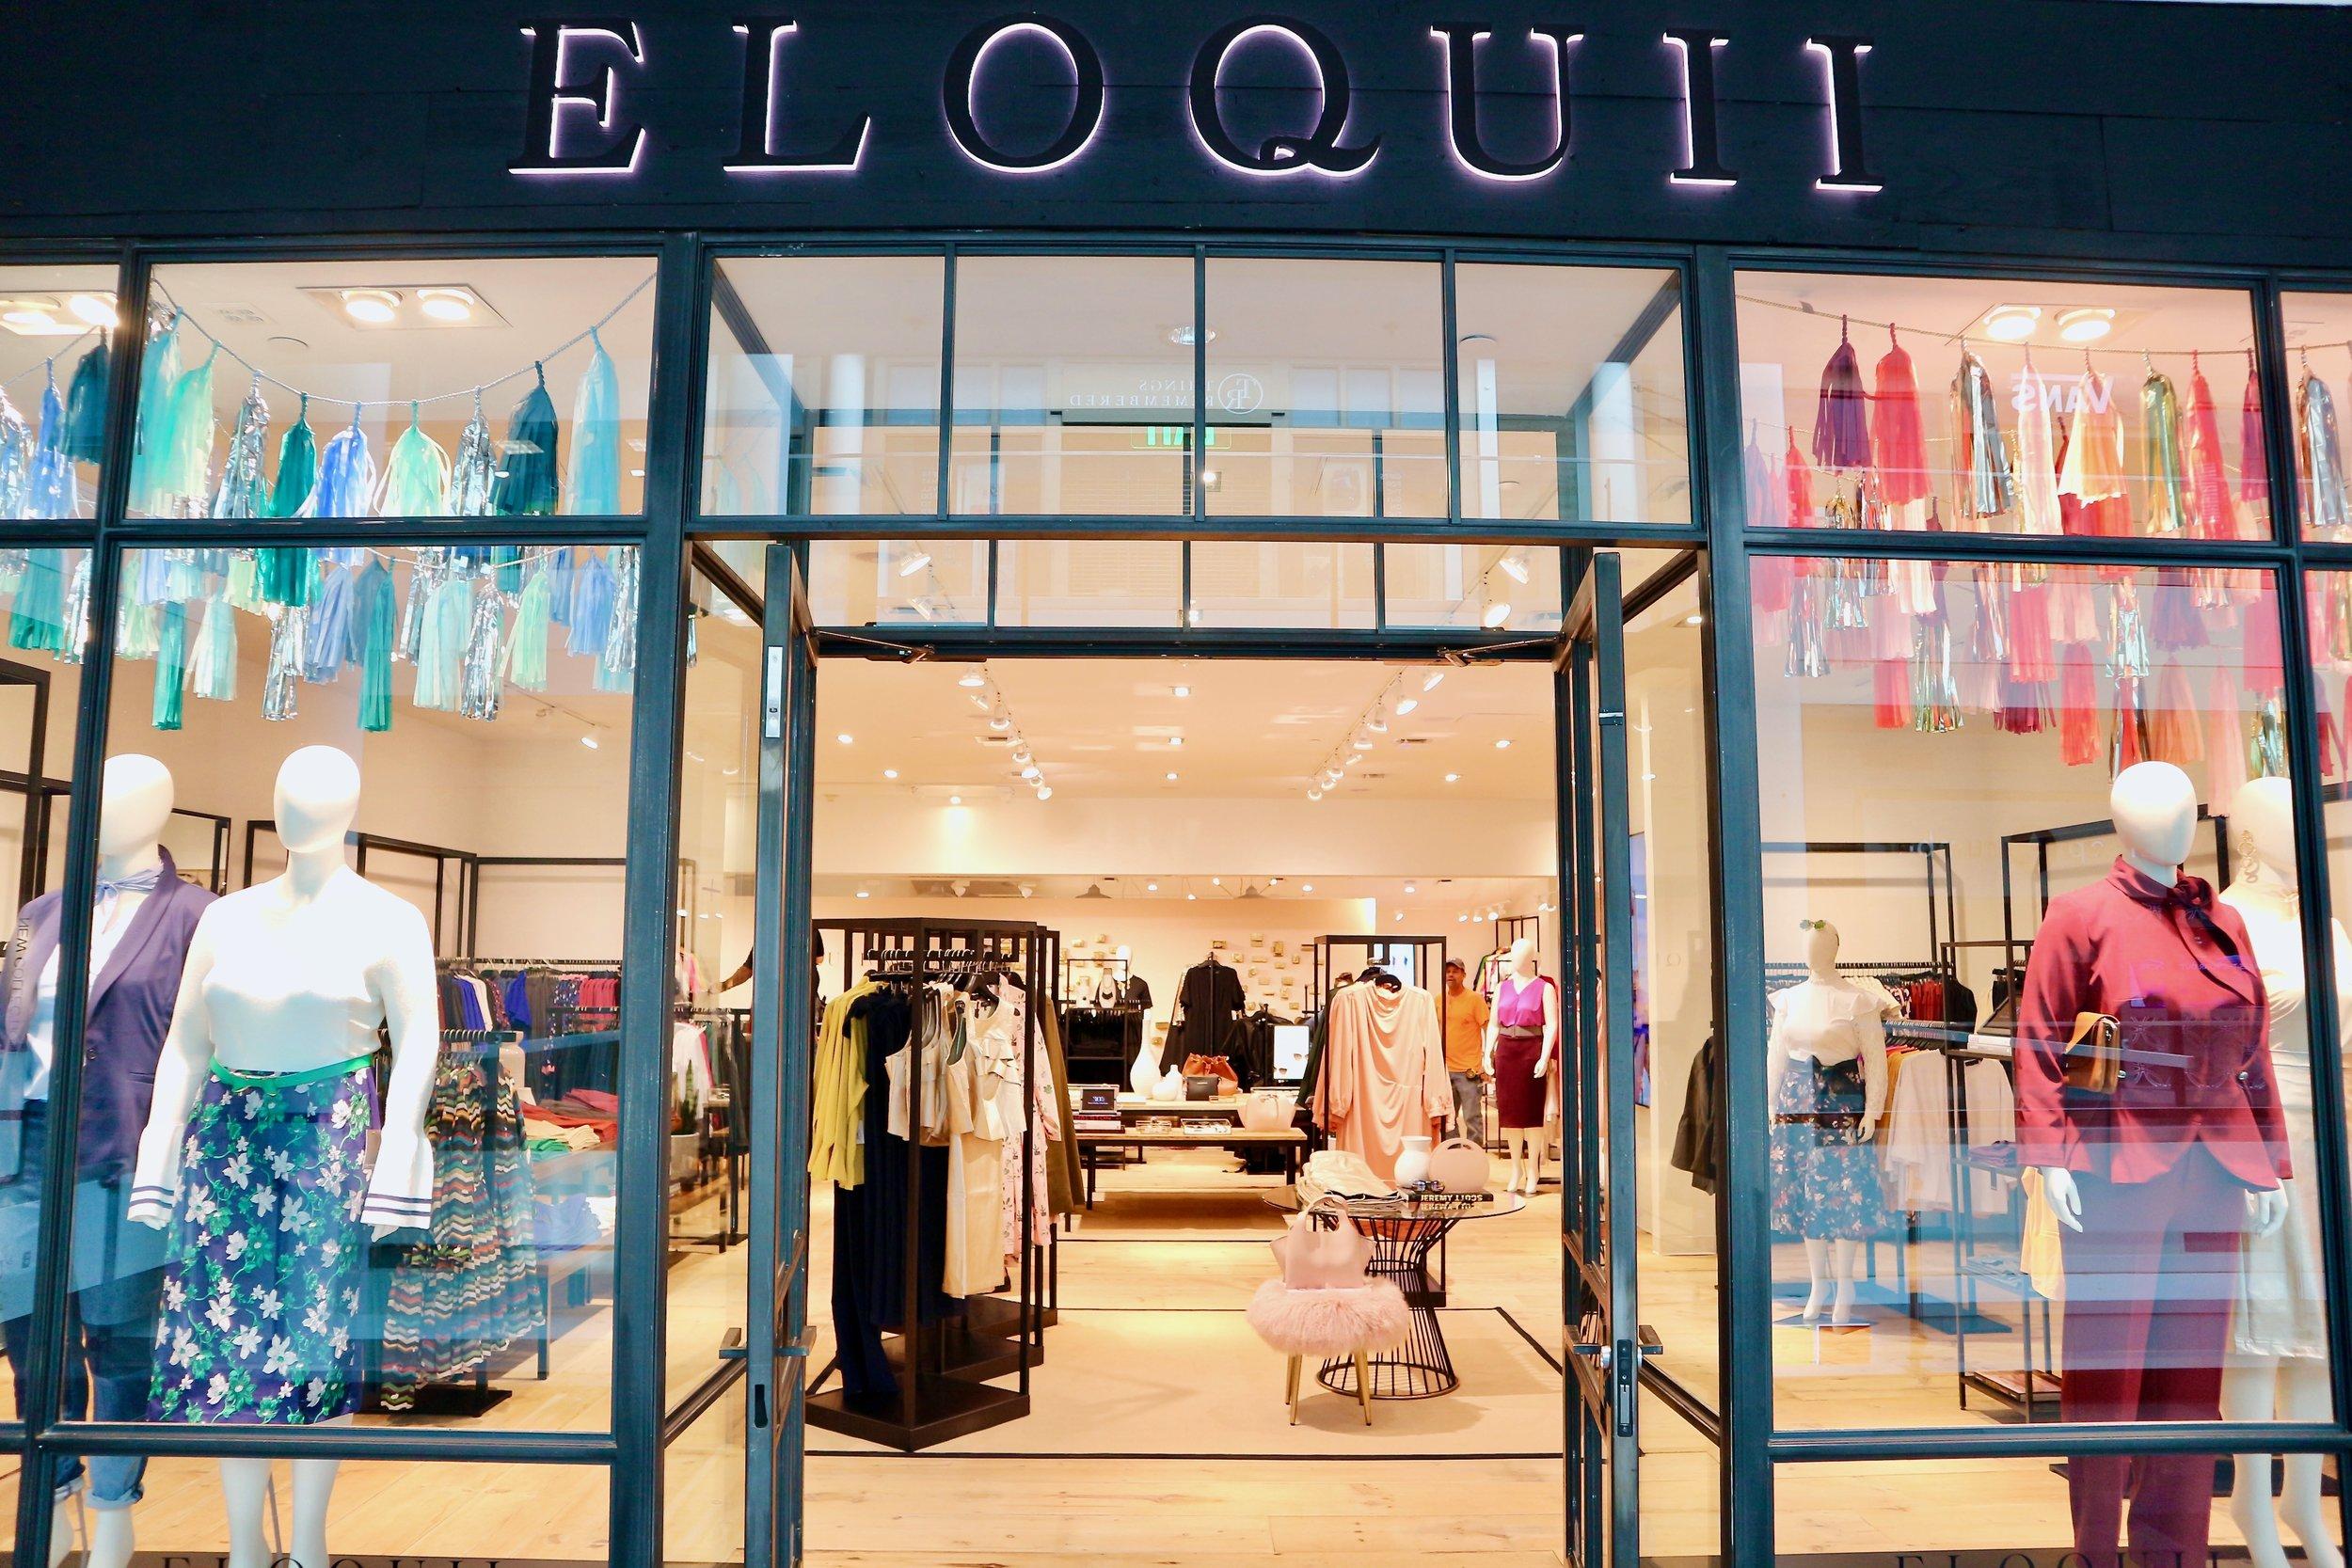 ELOQUII-store-front-2-by-Hafsa-Siddiqi.jpg